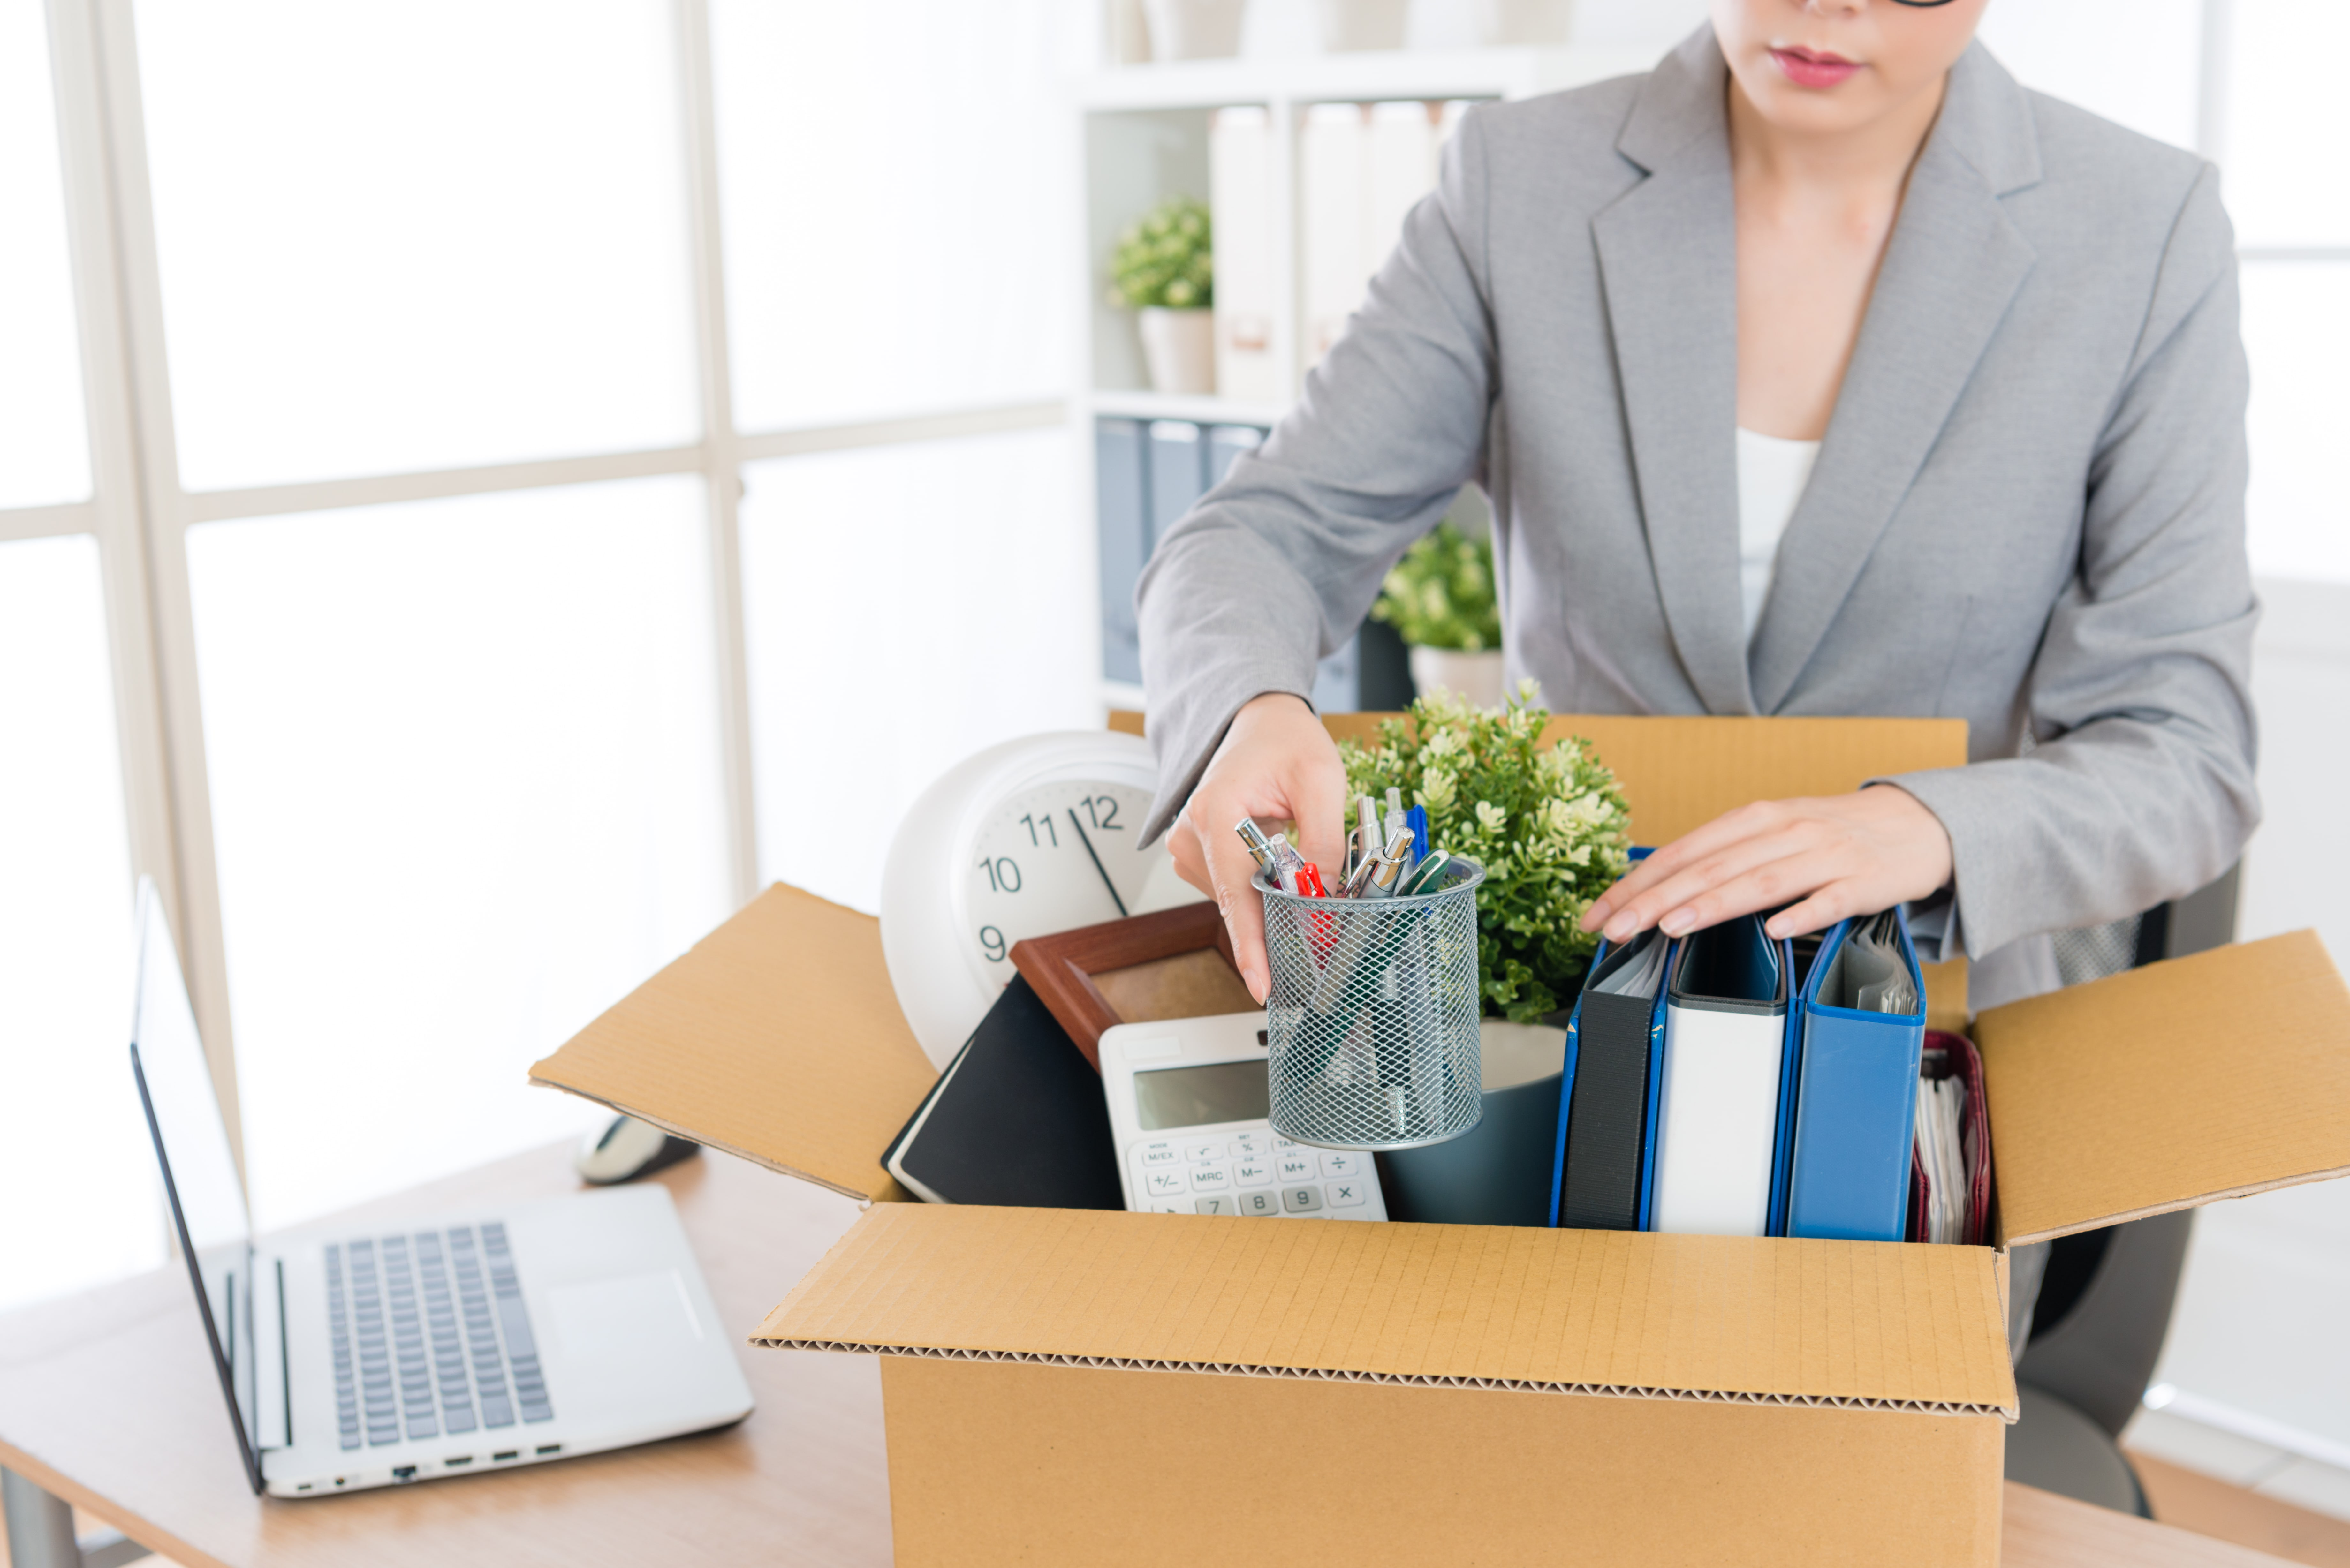 Termination of Employment An Essential Checklist